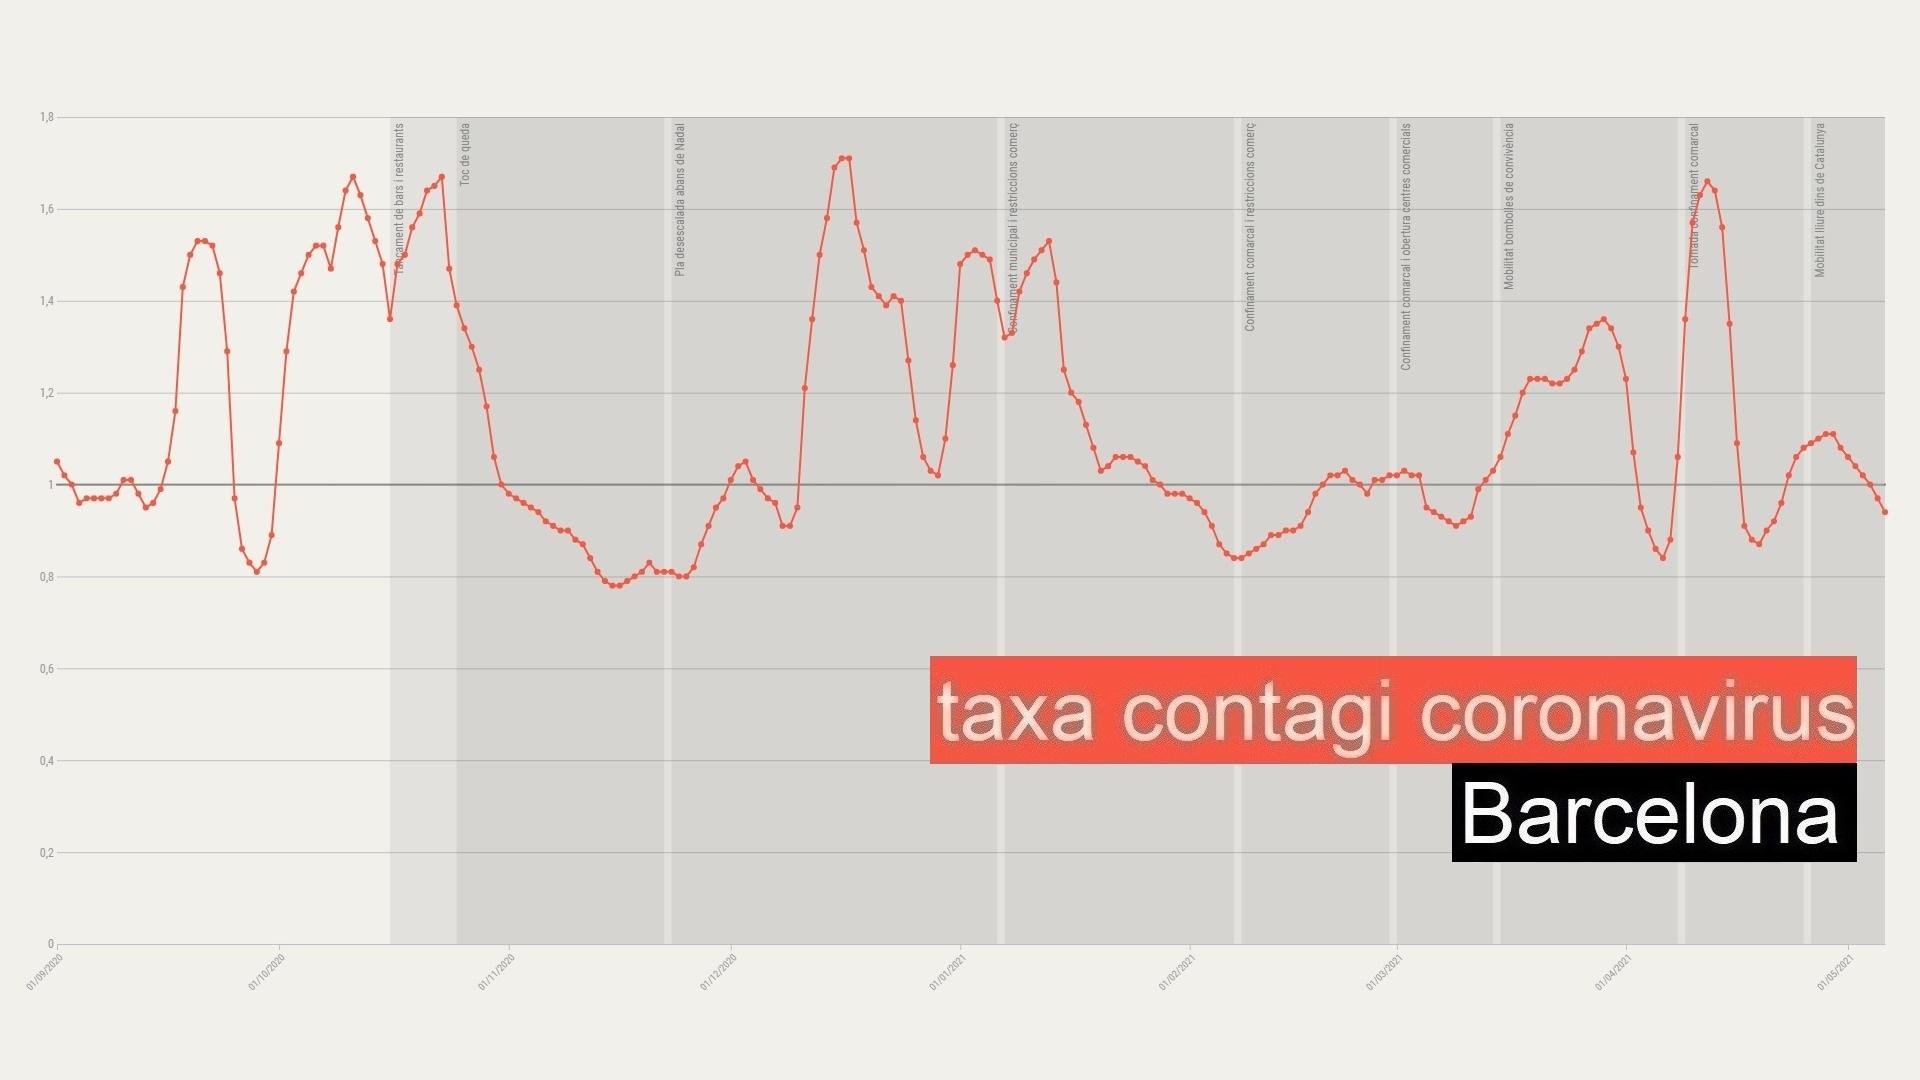 taxa contagi catalunya barcelona